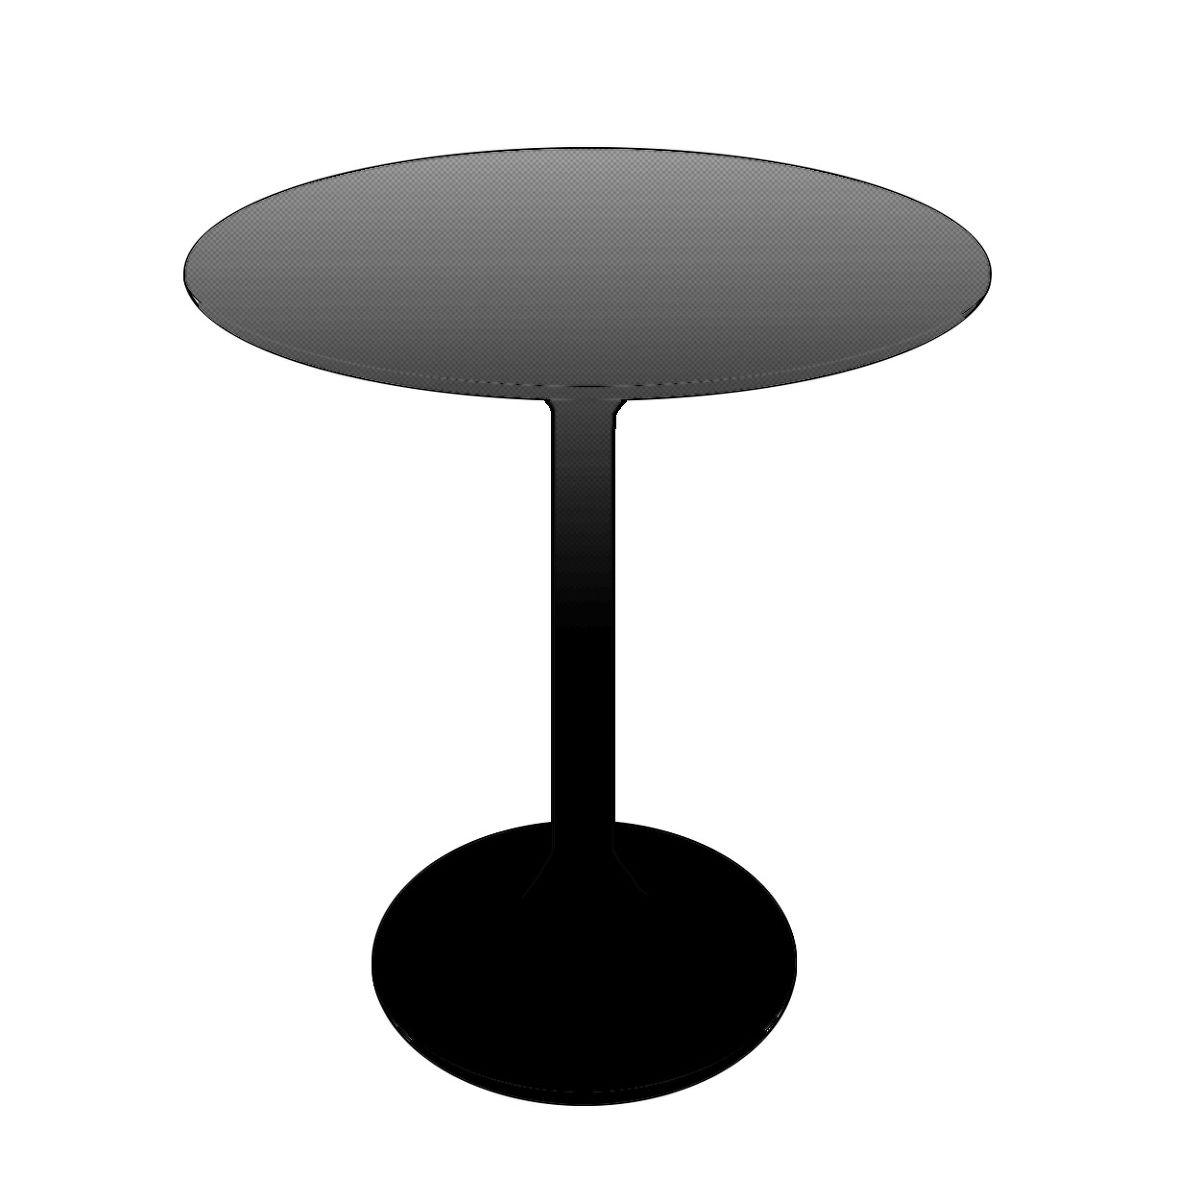 动漫3d桌子贴图素材